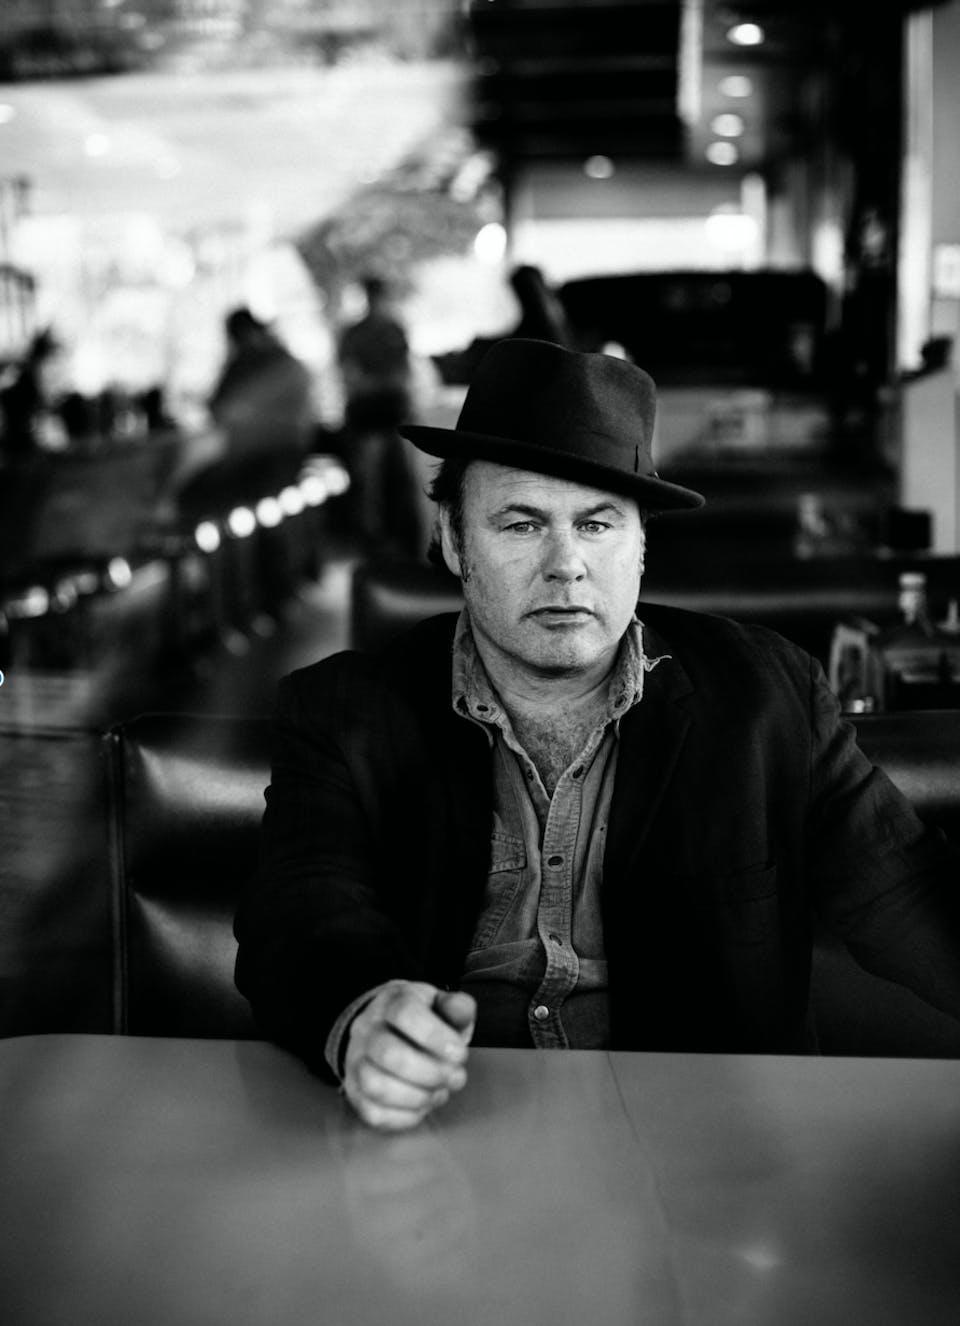 Martin Sexton -- Late Show